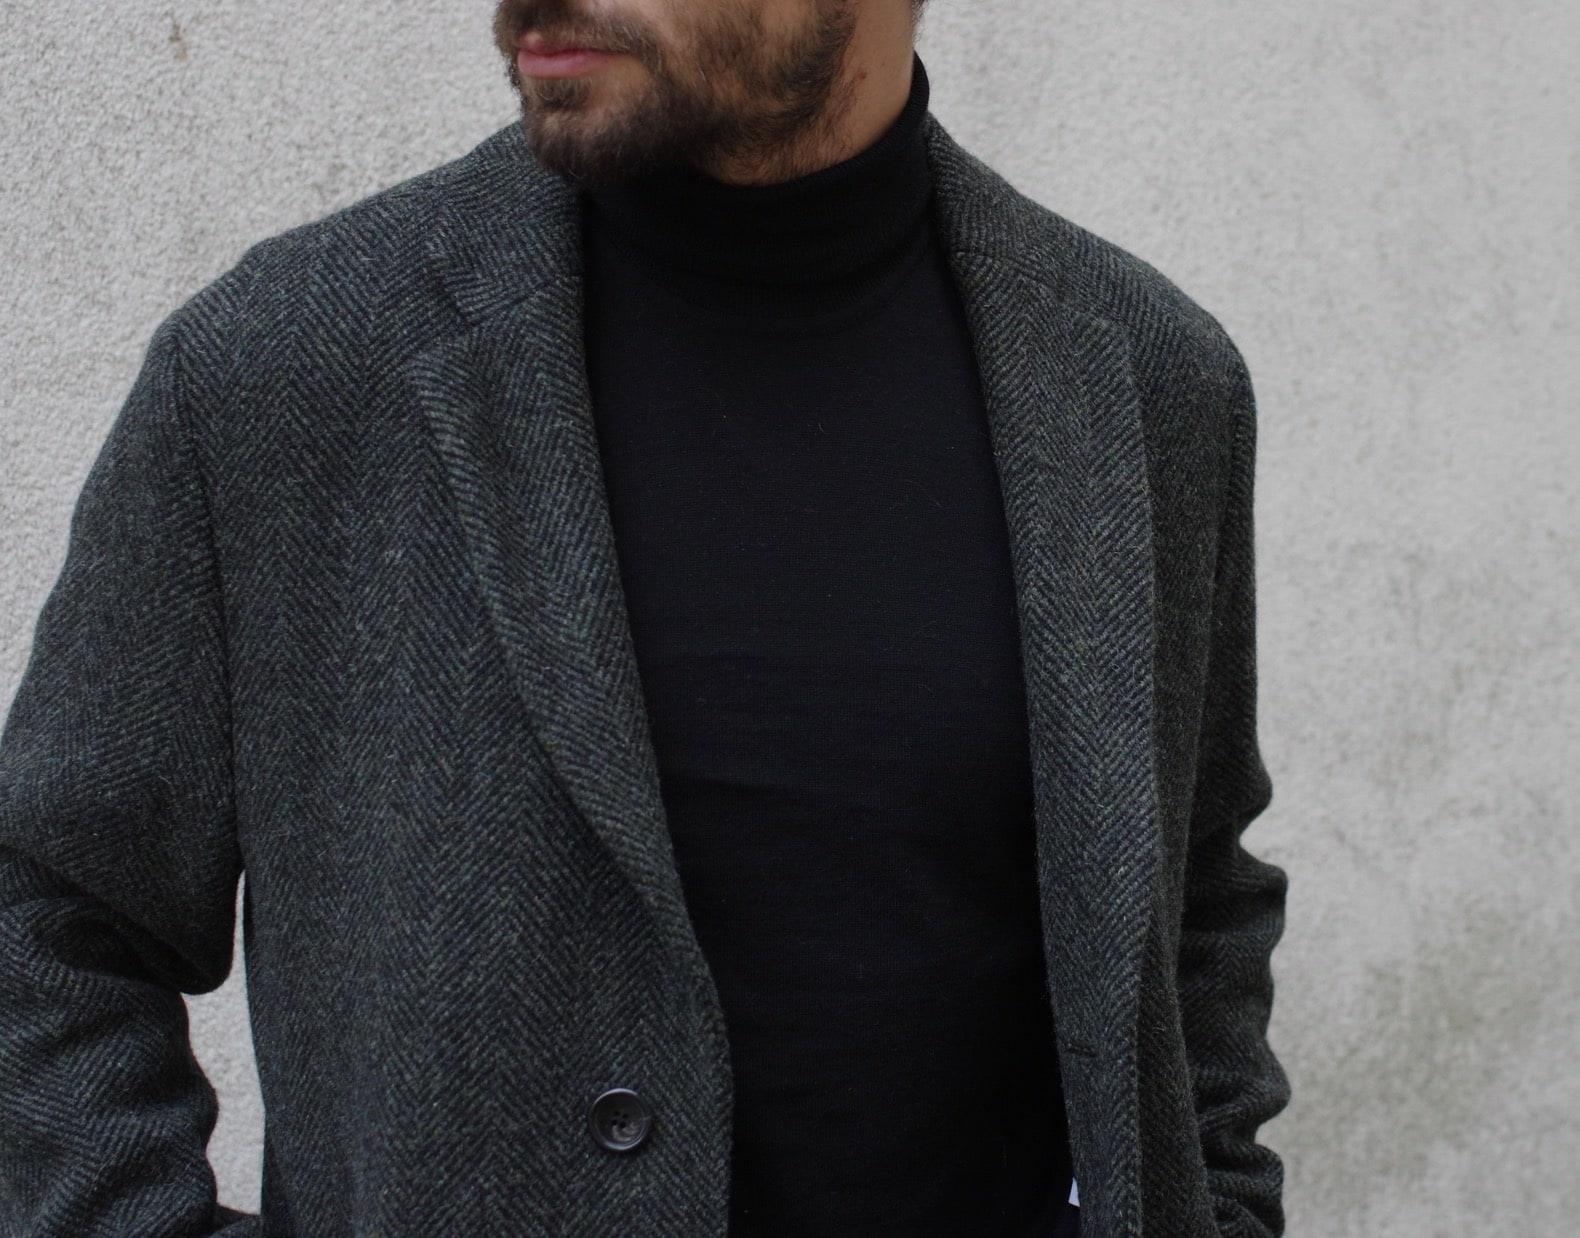 manteau long en laine stylé pour homme drapeau noir